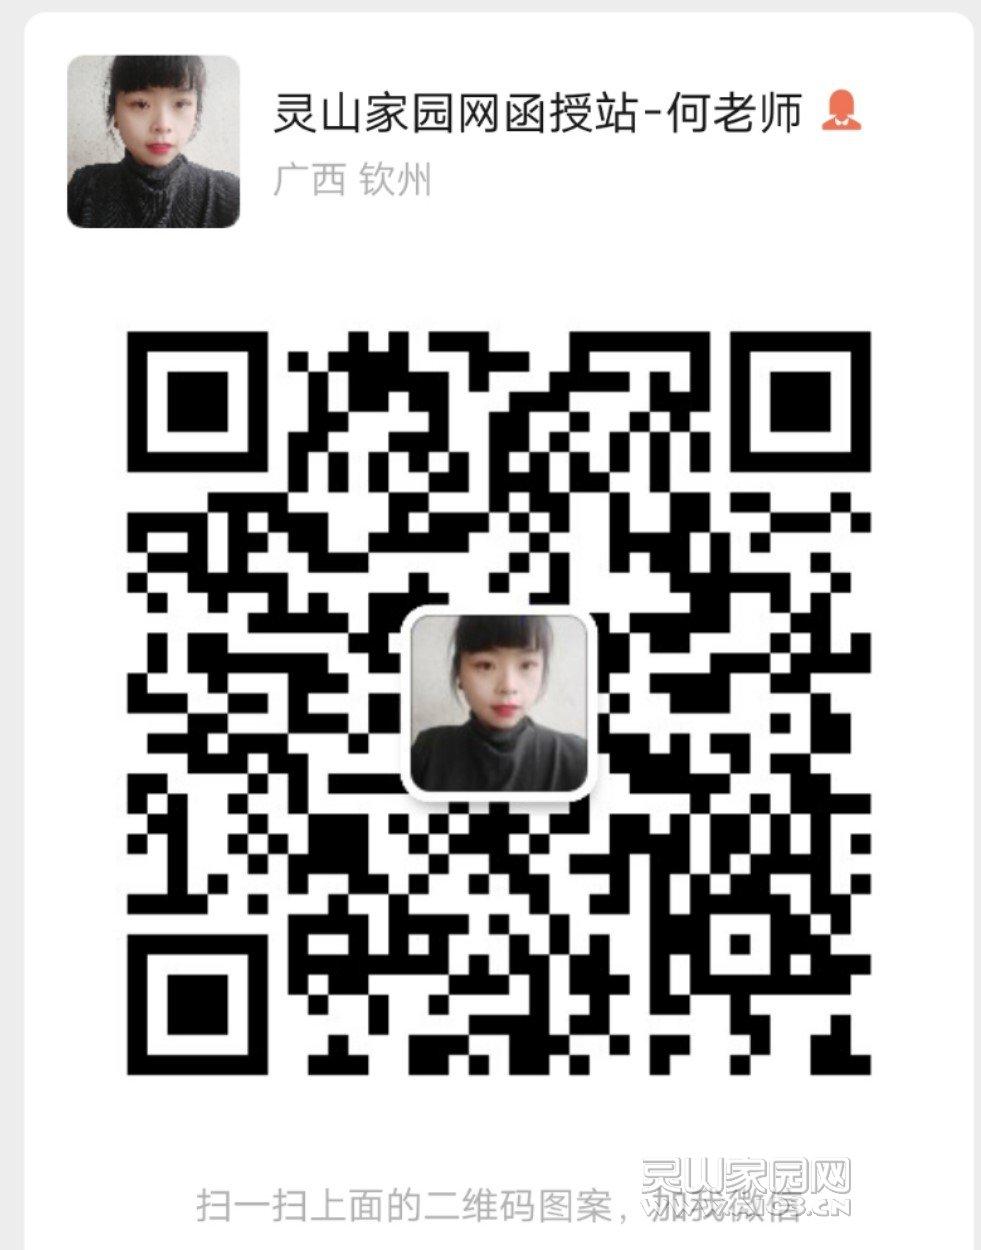 微信图片_20200417095735.jpg